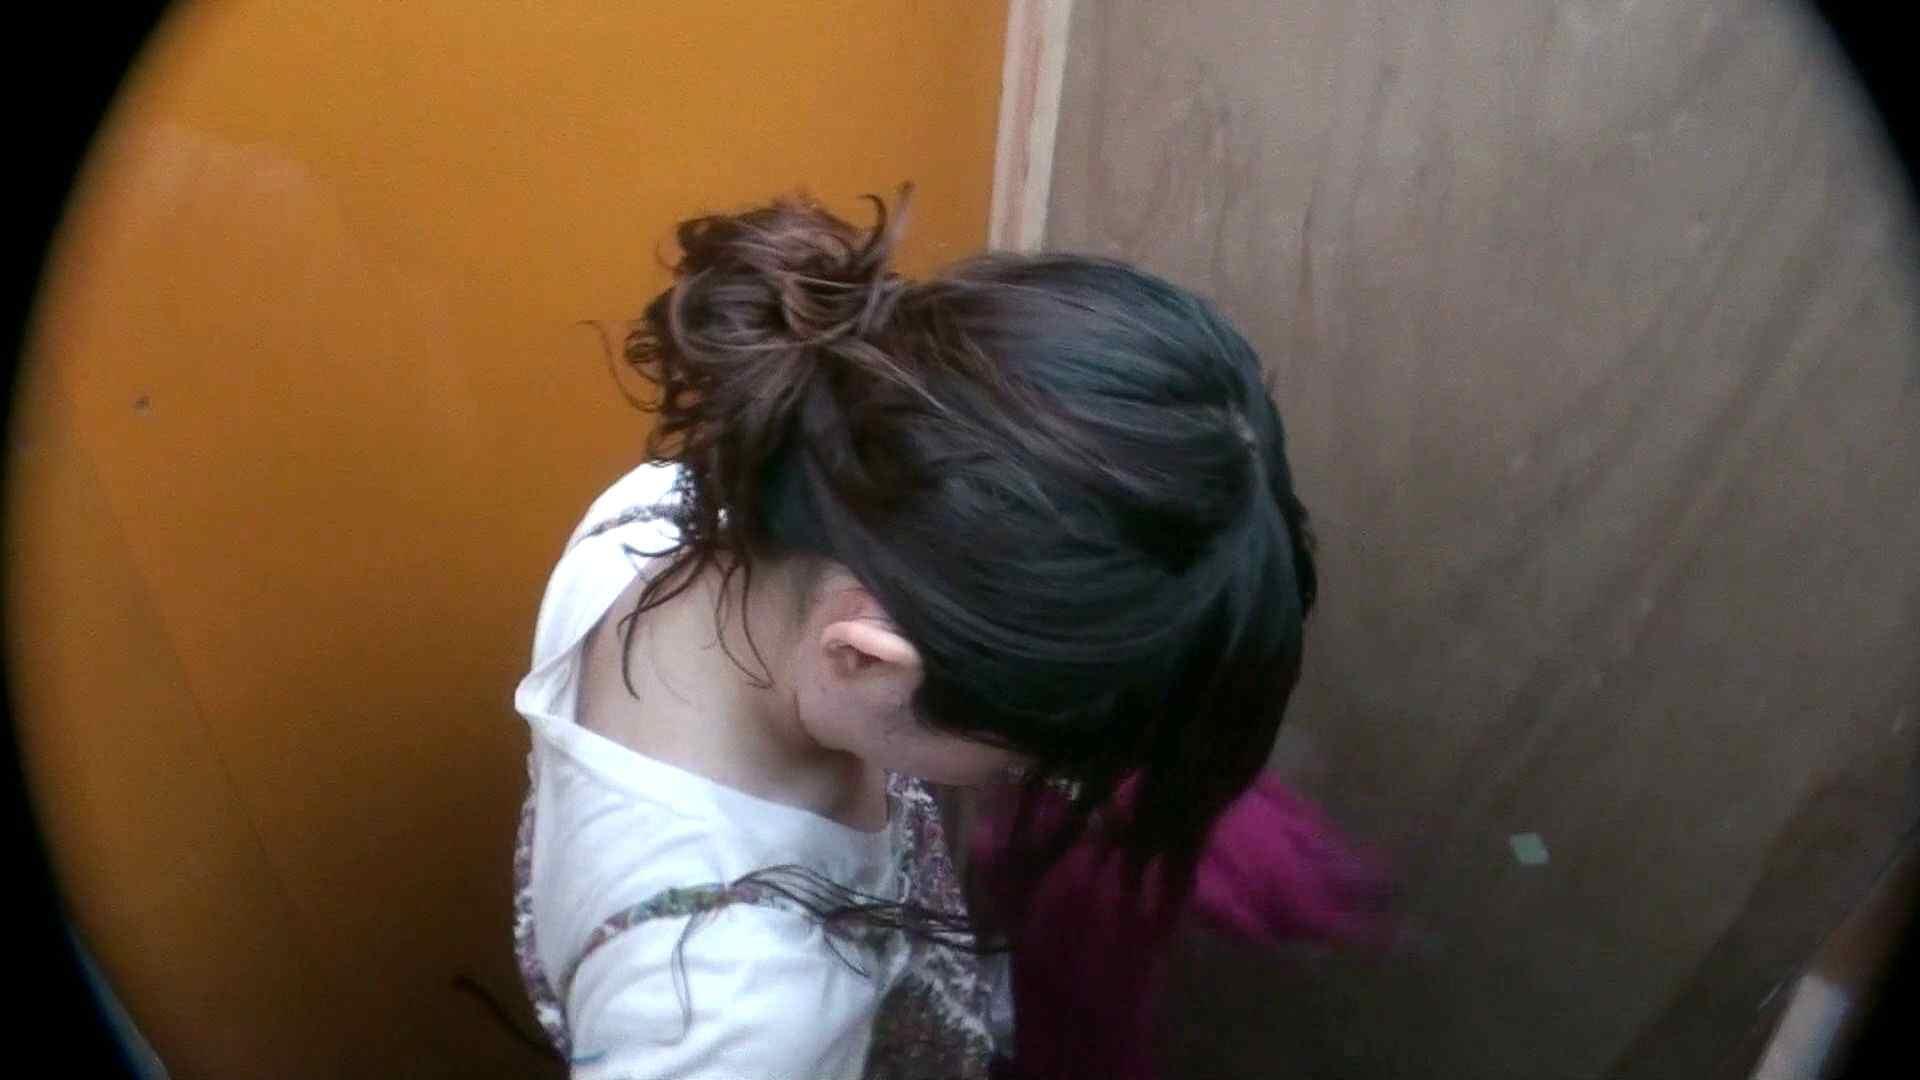 シャワールームは超!!危険な香りVol.29 こっちを向いて欲しい貧乳姉さん OLエロ画像 覗きスケベ動画紹介 67PICs 10